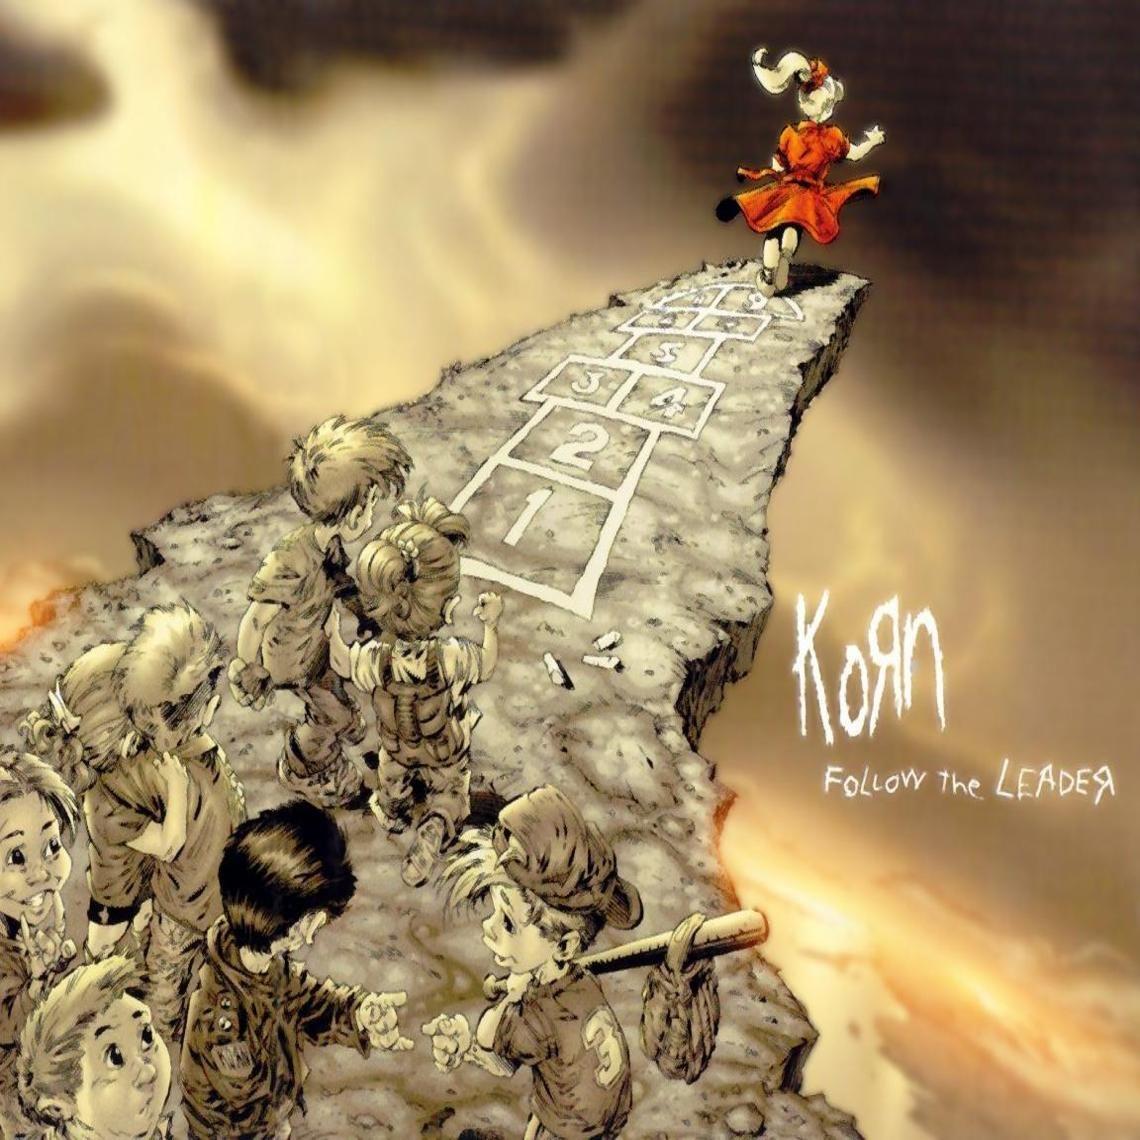 Korn Follow The Leader Korn Album Art Music Album Cover